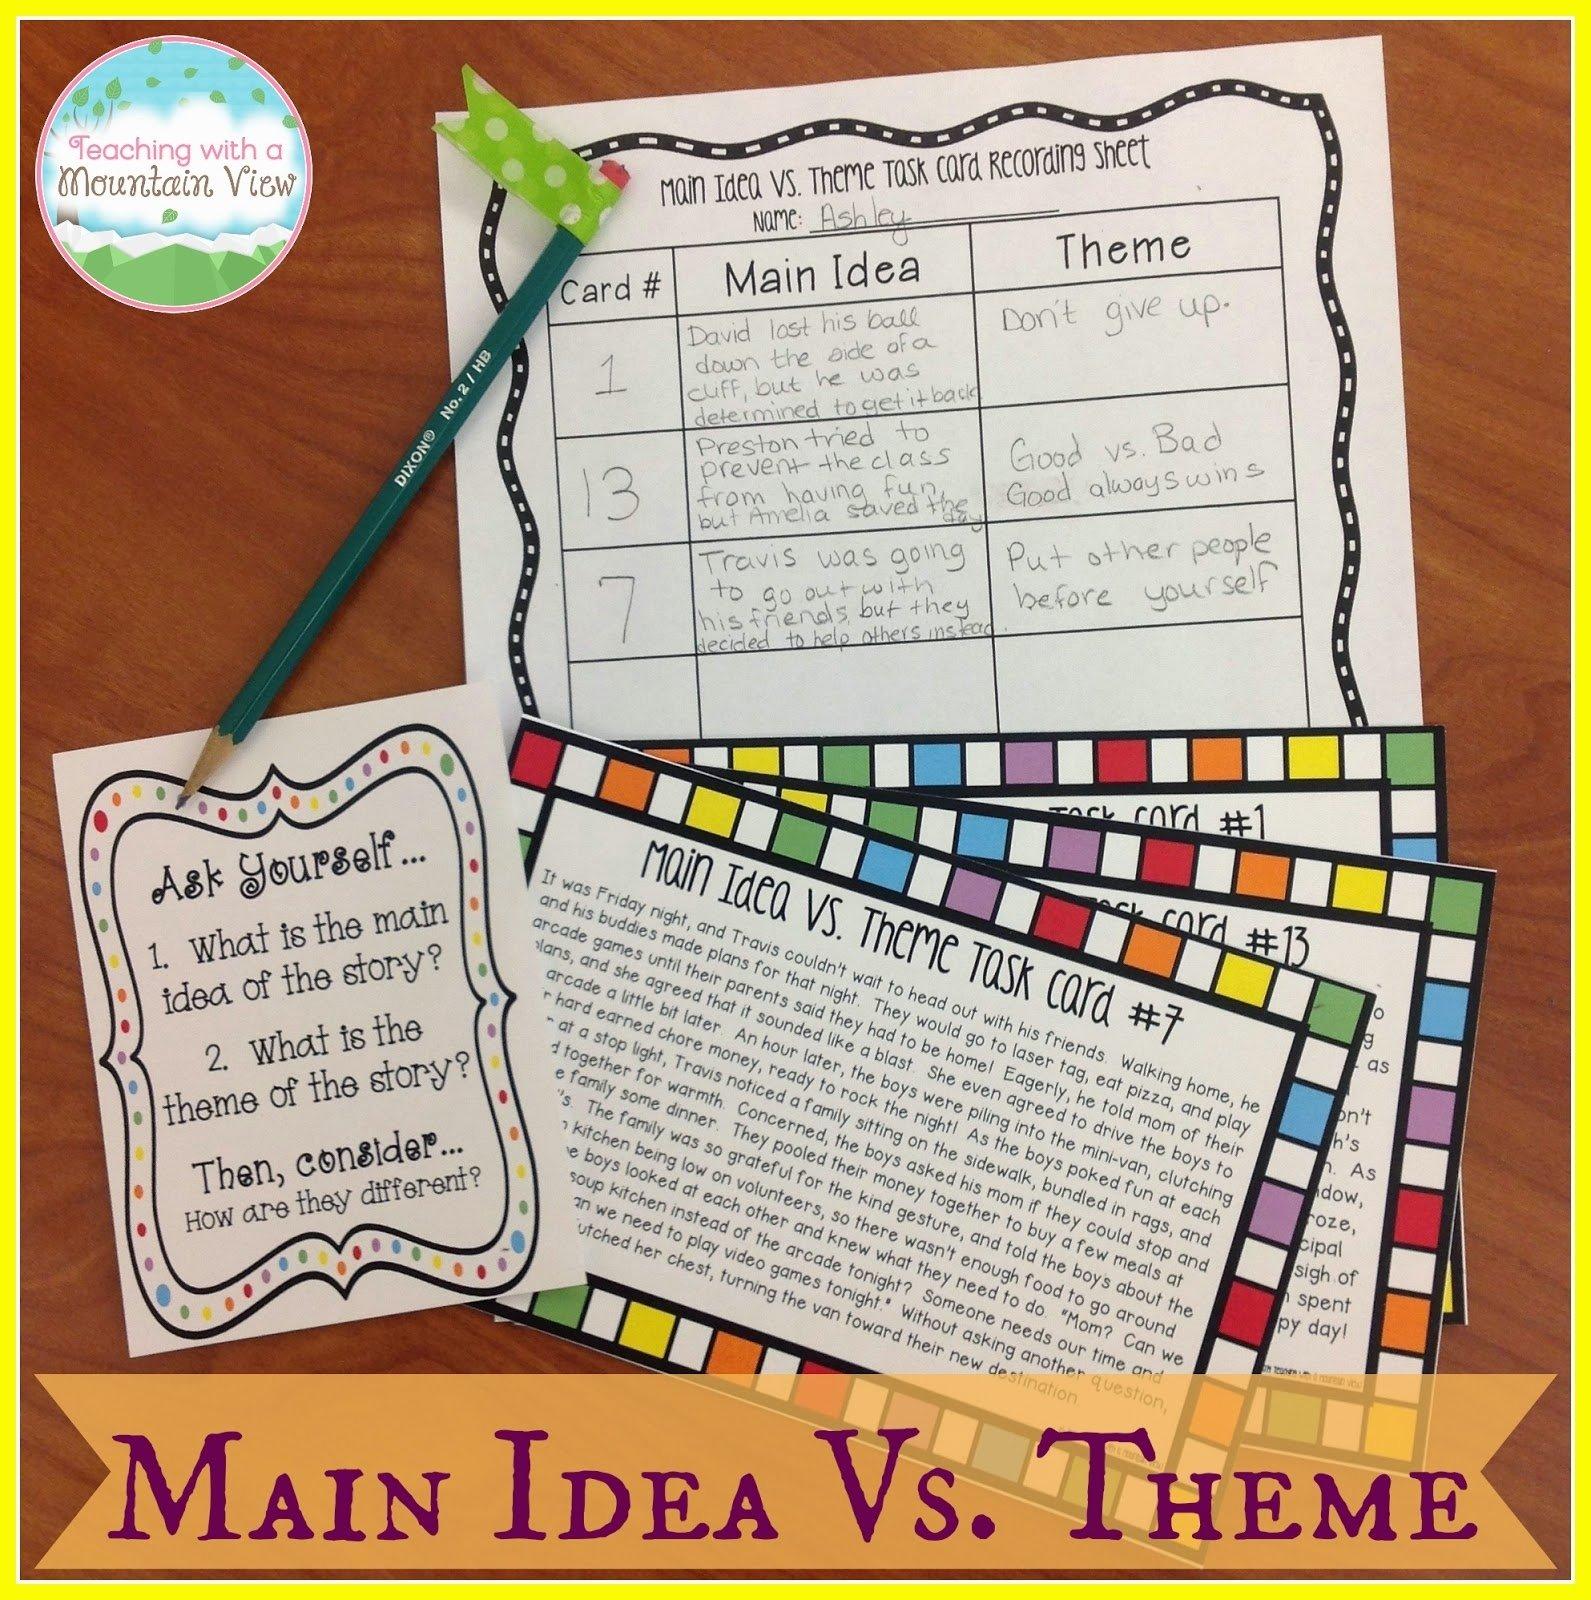 10 Ideal Main Idea Powerpoint 4Th Grade teaching with a mountain view teaching main idea vs theme 1